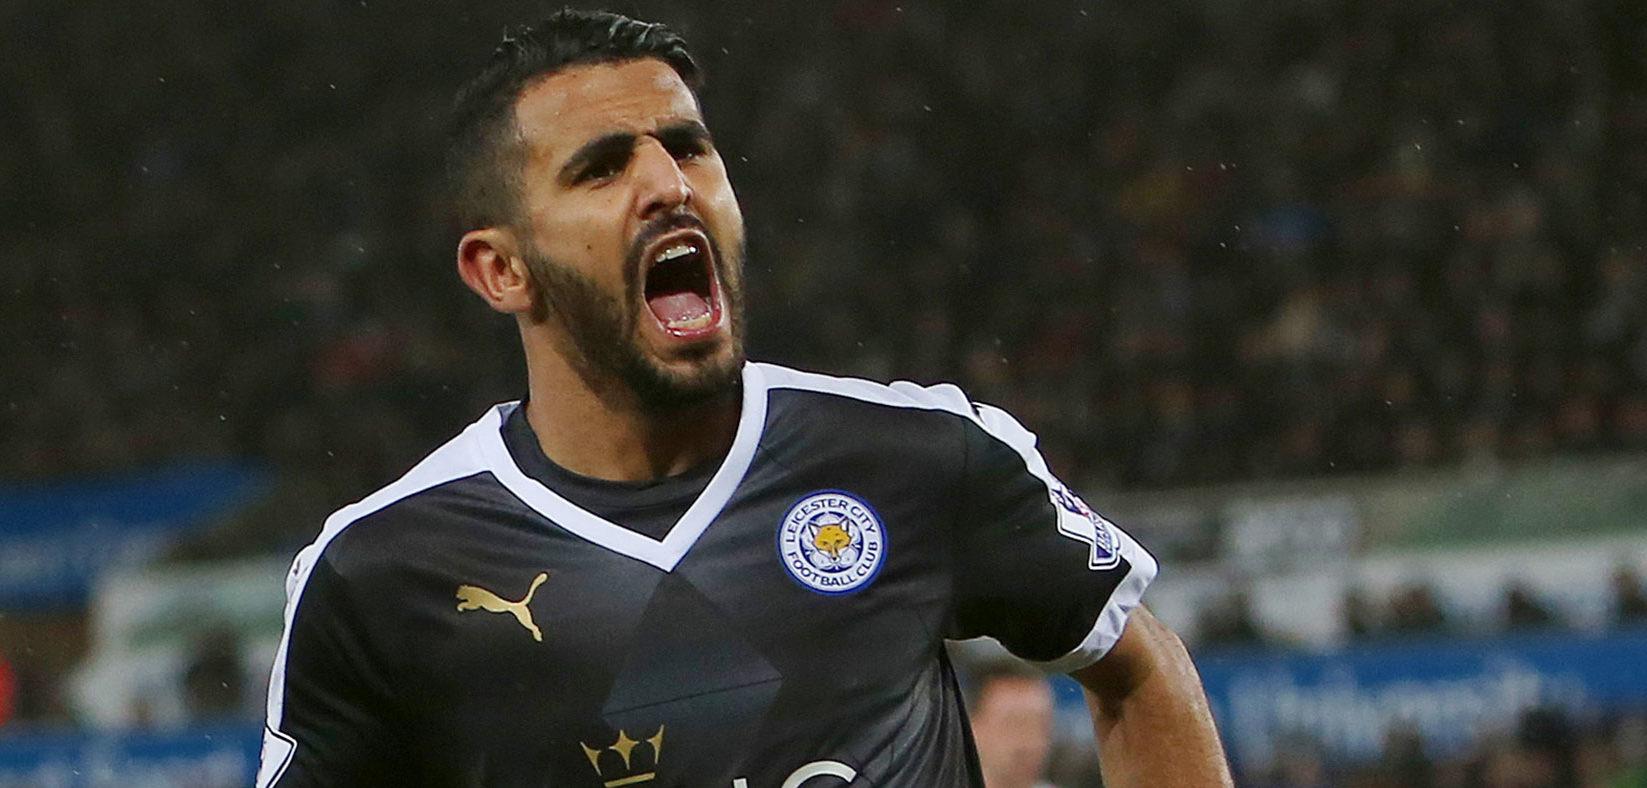 CALCIOMERCATO ROMA – Il Leicester non vende Mahrez al Chelsea, giocatore  fuorioso   Giallorossi.net, notizie esclusive, news e calciomercato